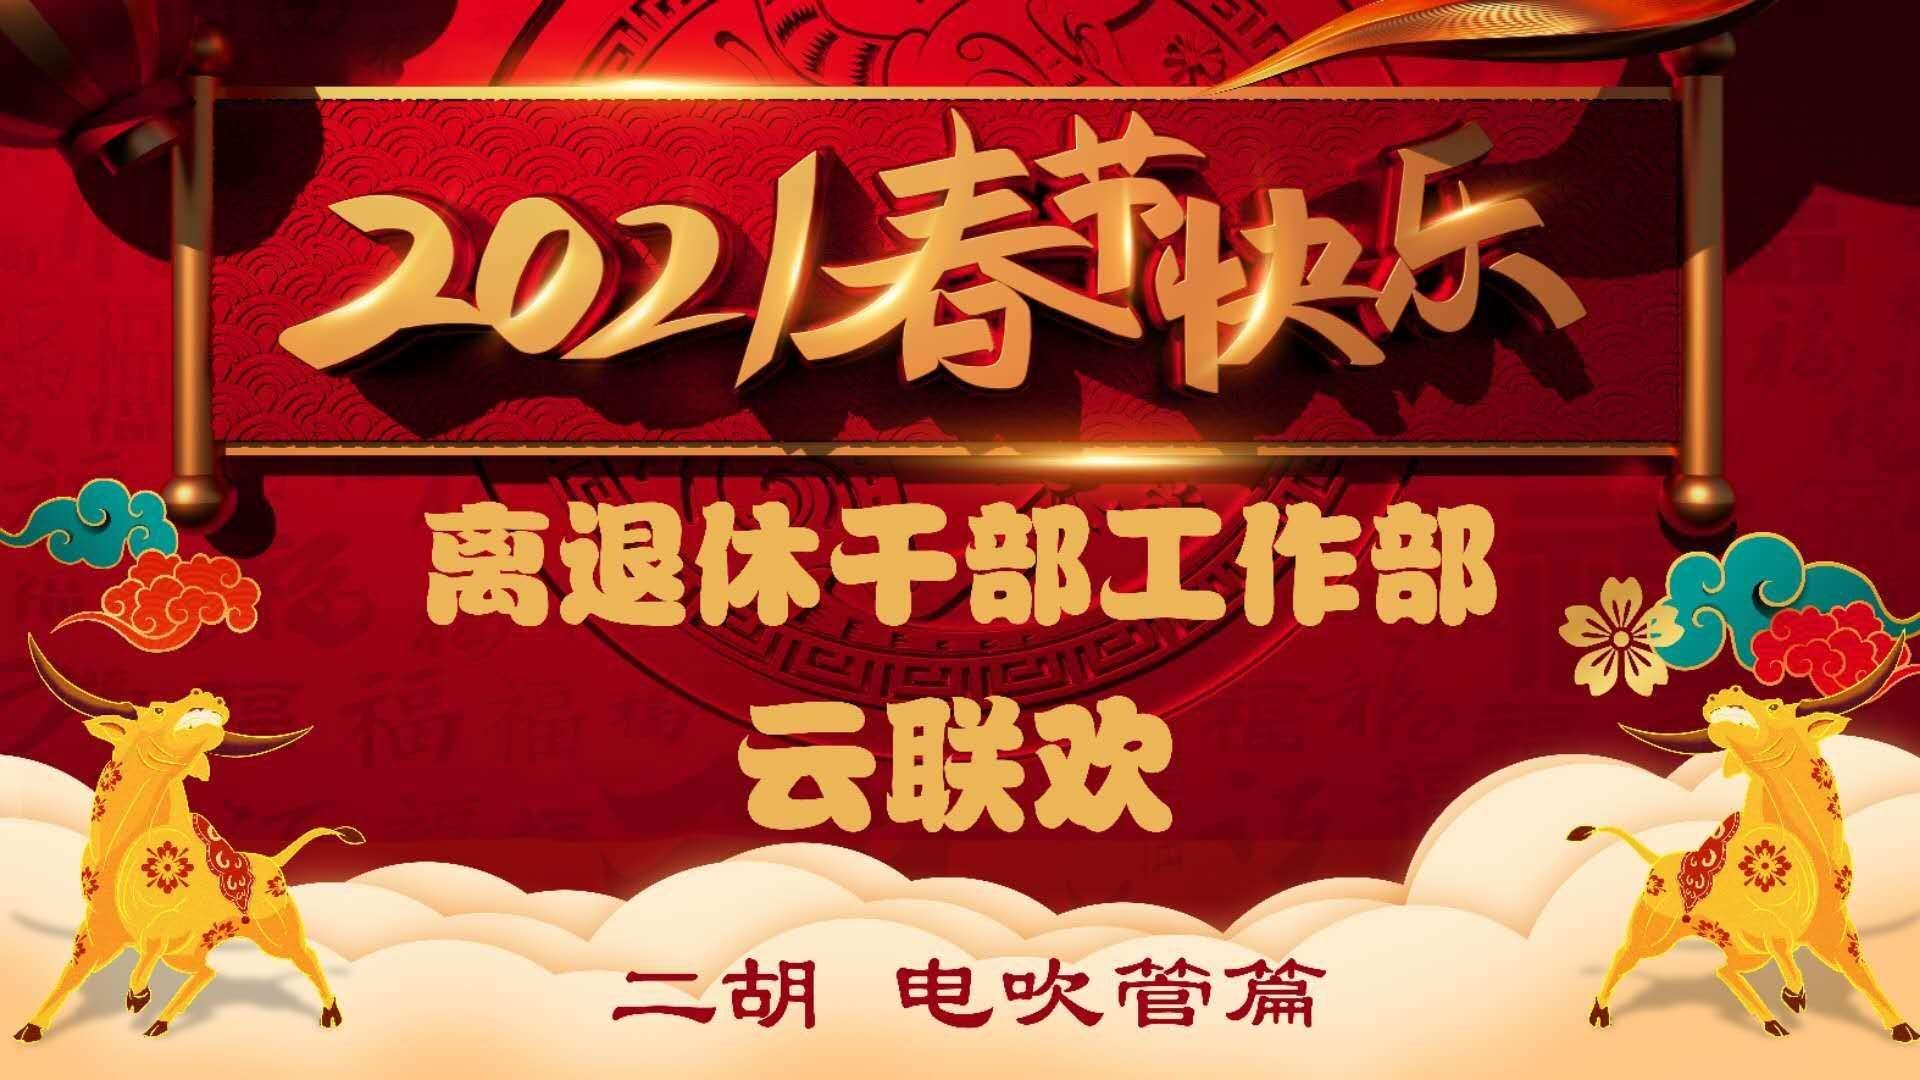 山东广播电视台离退休干部工作部2021年春节云联欢《电吹管、二胡》篇